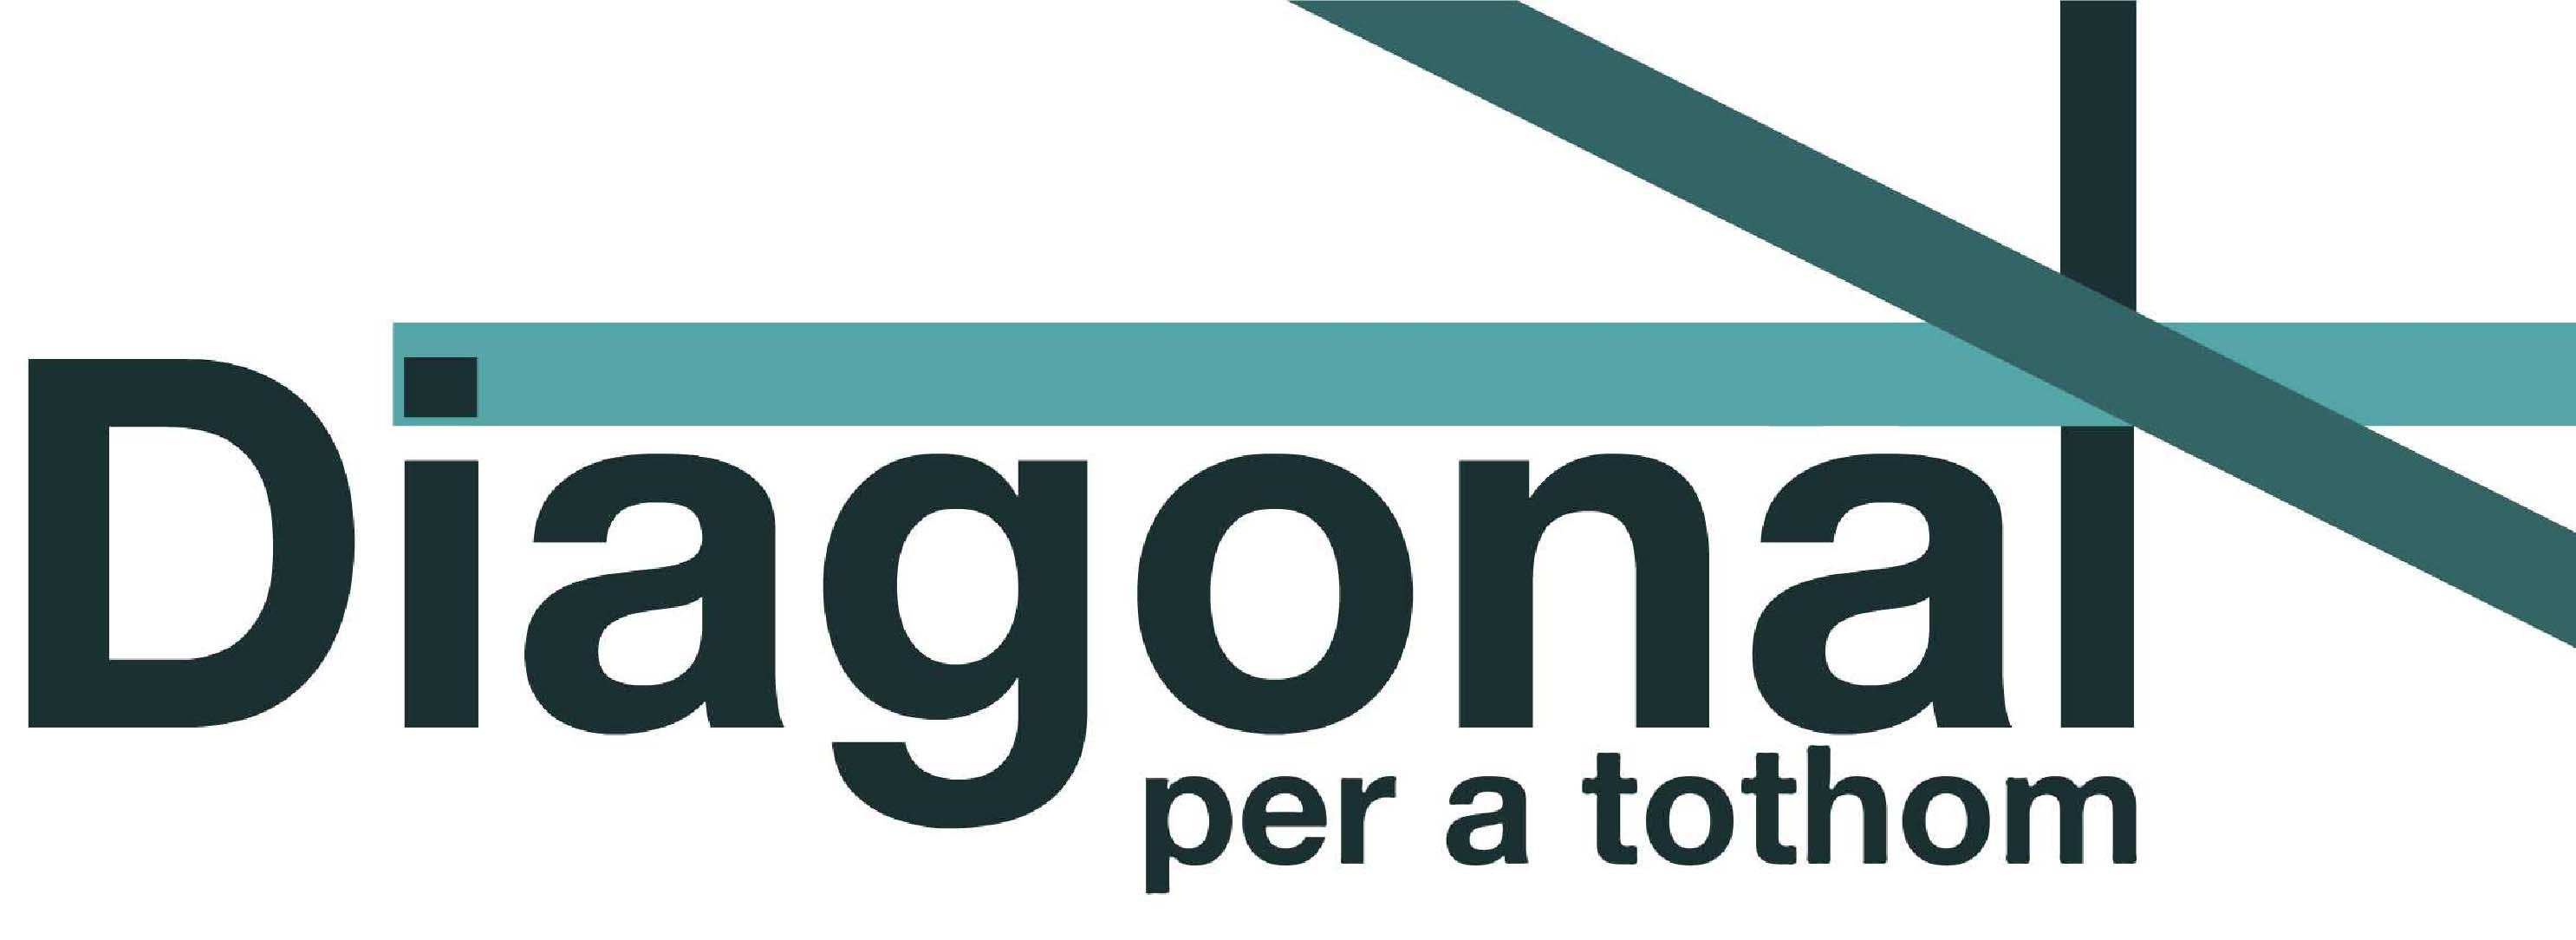 Diagonal per a Tothom: Comunicat de premsa i al·legacions del BACC